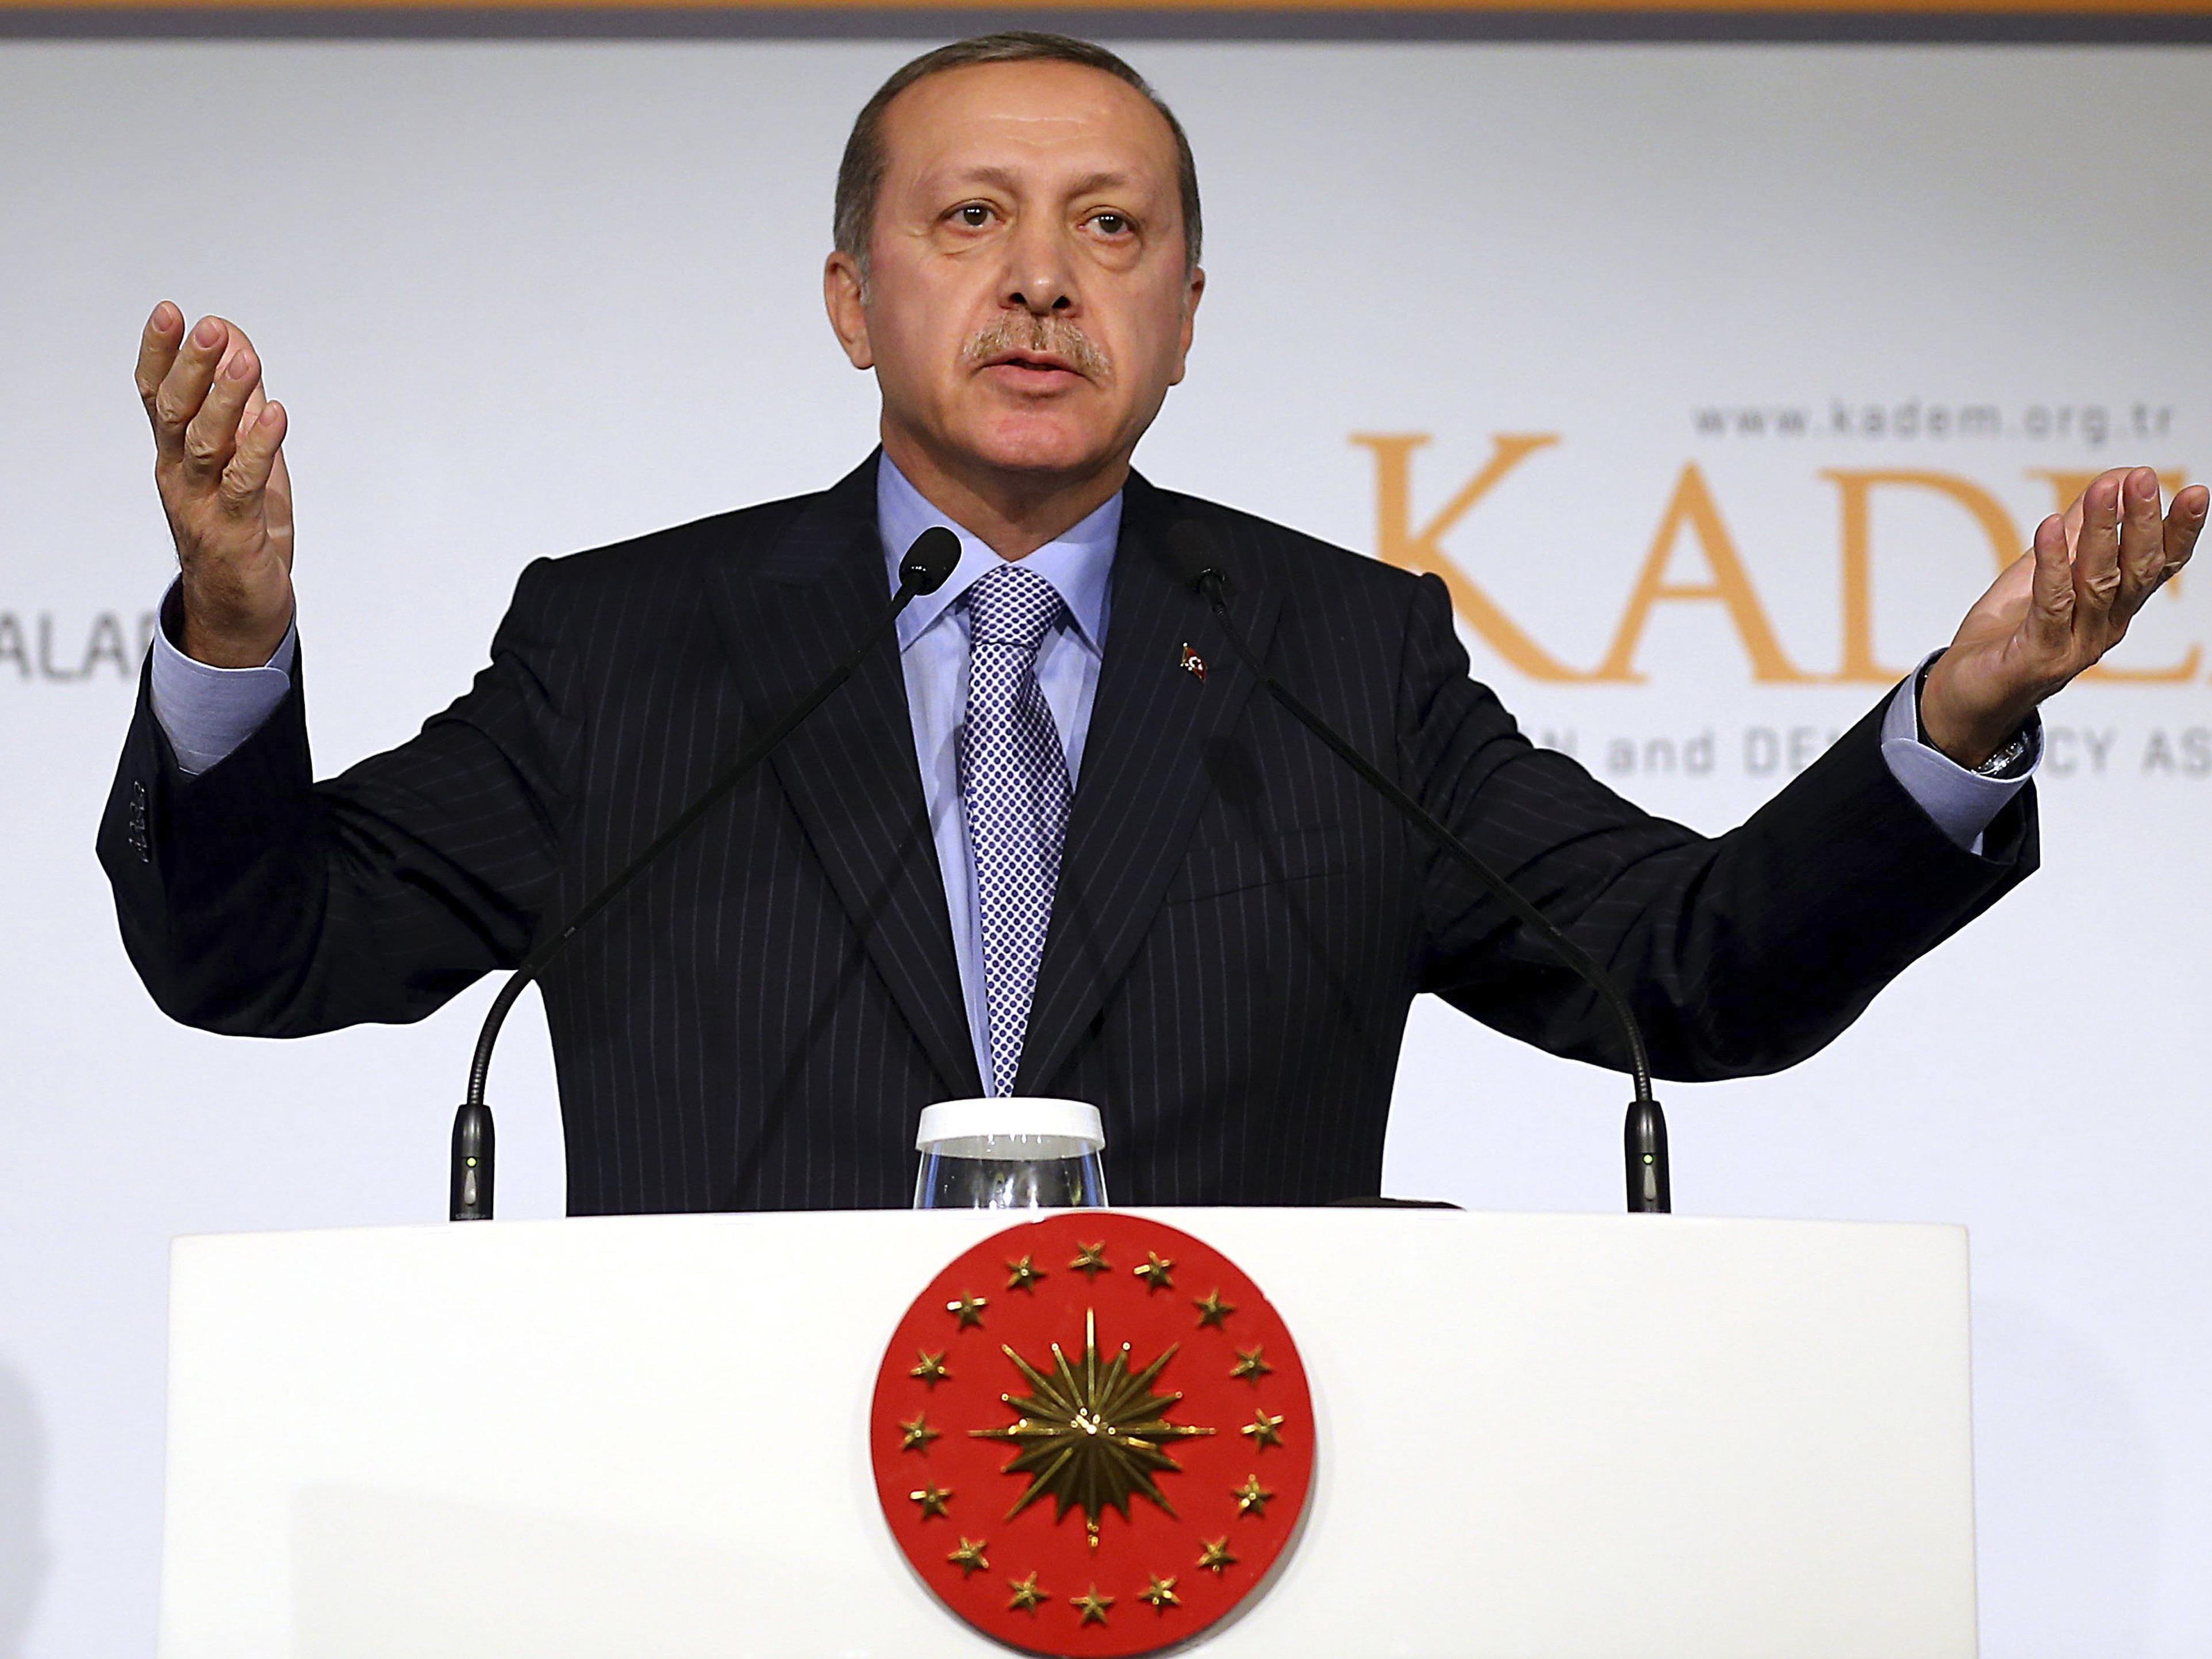 Die Fremden hätten es nur auf die Reichtümer der Muslime abgesehen, sagte Erdogan bei einer Konferenz der Organisation für Islamische Zusammenarbeit (OIC) in Istanbul.